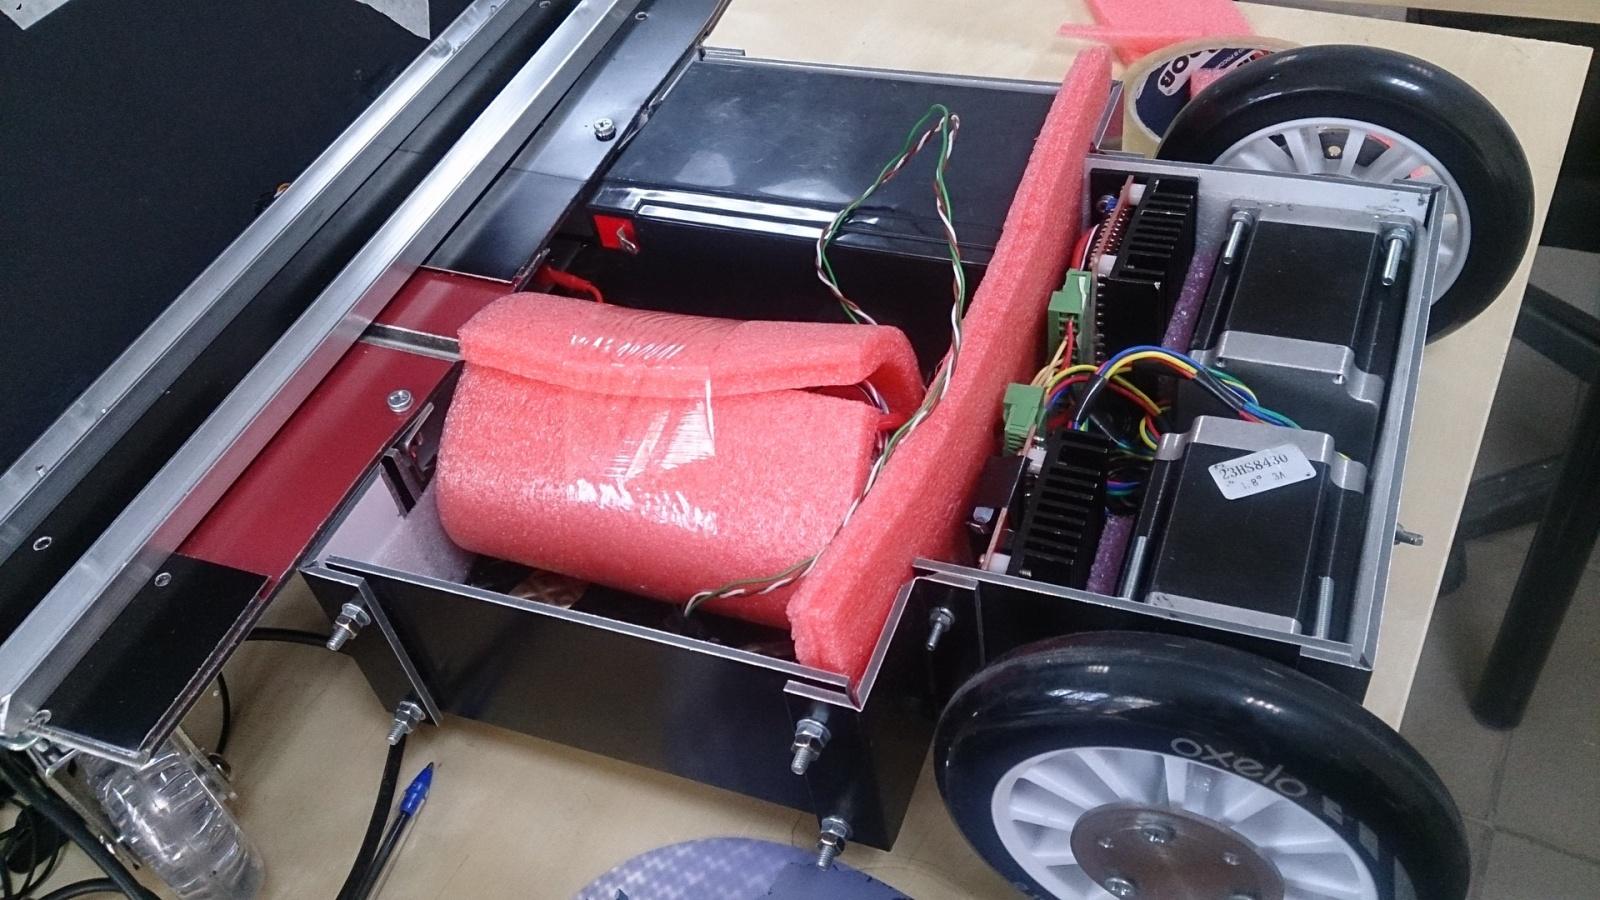 «Продолжение. Часть 1.2. Как я собирал робота телеприсутствия на колесной базе.» Технологии Endurance Robots&Lasers - 7